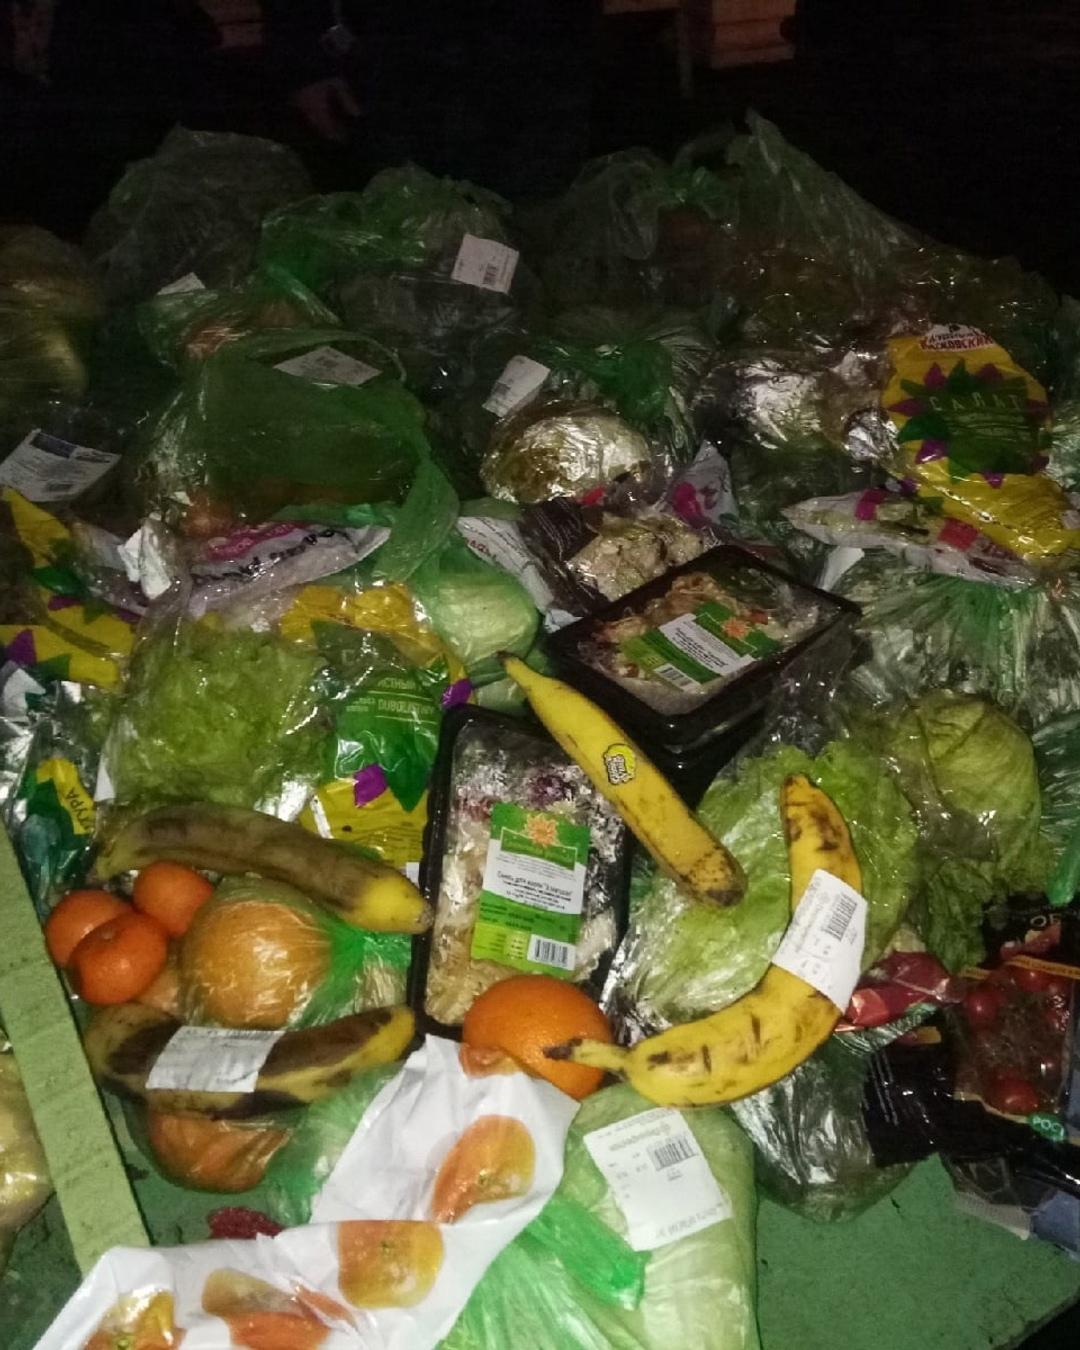 Жители Капотни жалуются на фригана, который устроил продуктовый склад в подъезде дома № 10 в 5-м квартале.